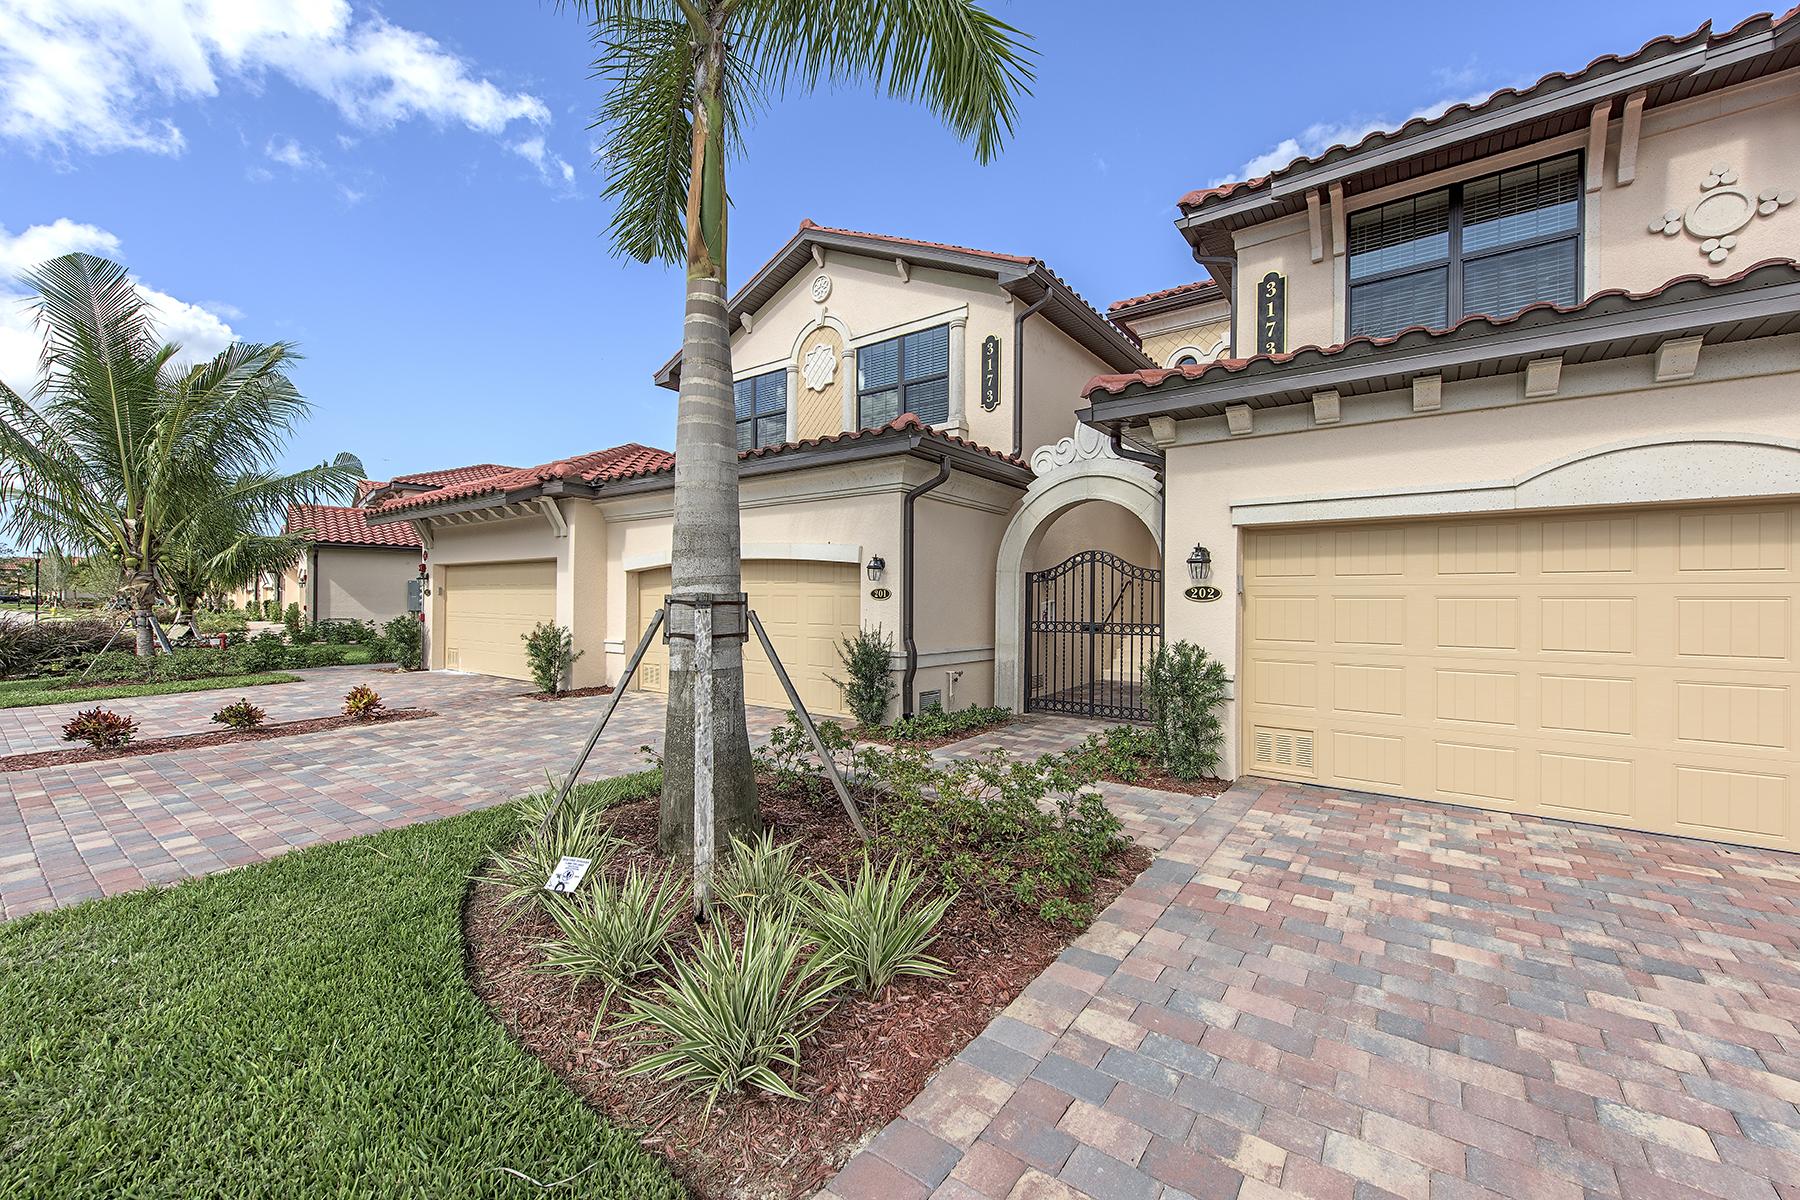 Appartement en copropriété pour l Vente à FIDDLERS CREEK 3173 Aviamar Cir 201 Naples, Florida, 34114 États-Unis